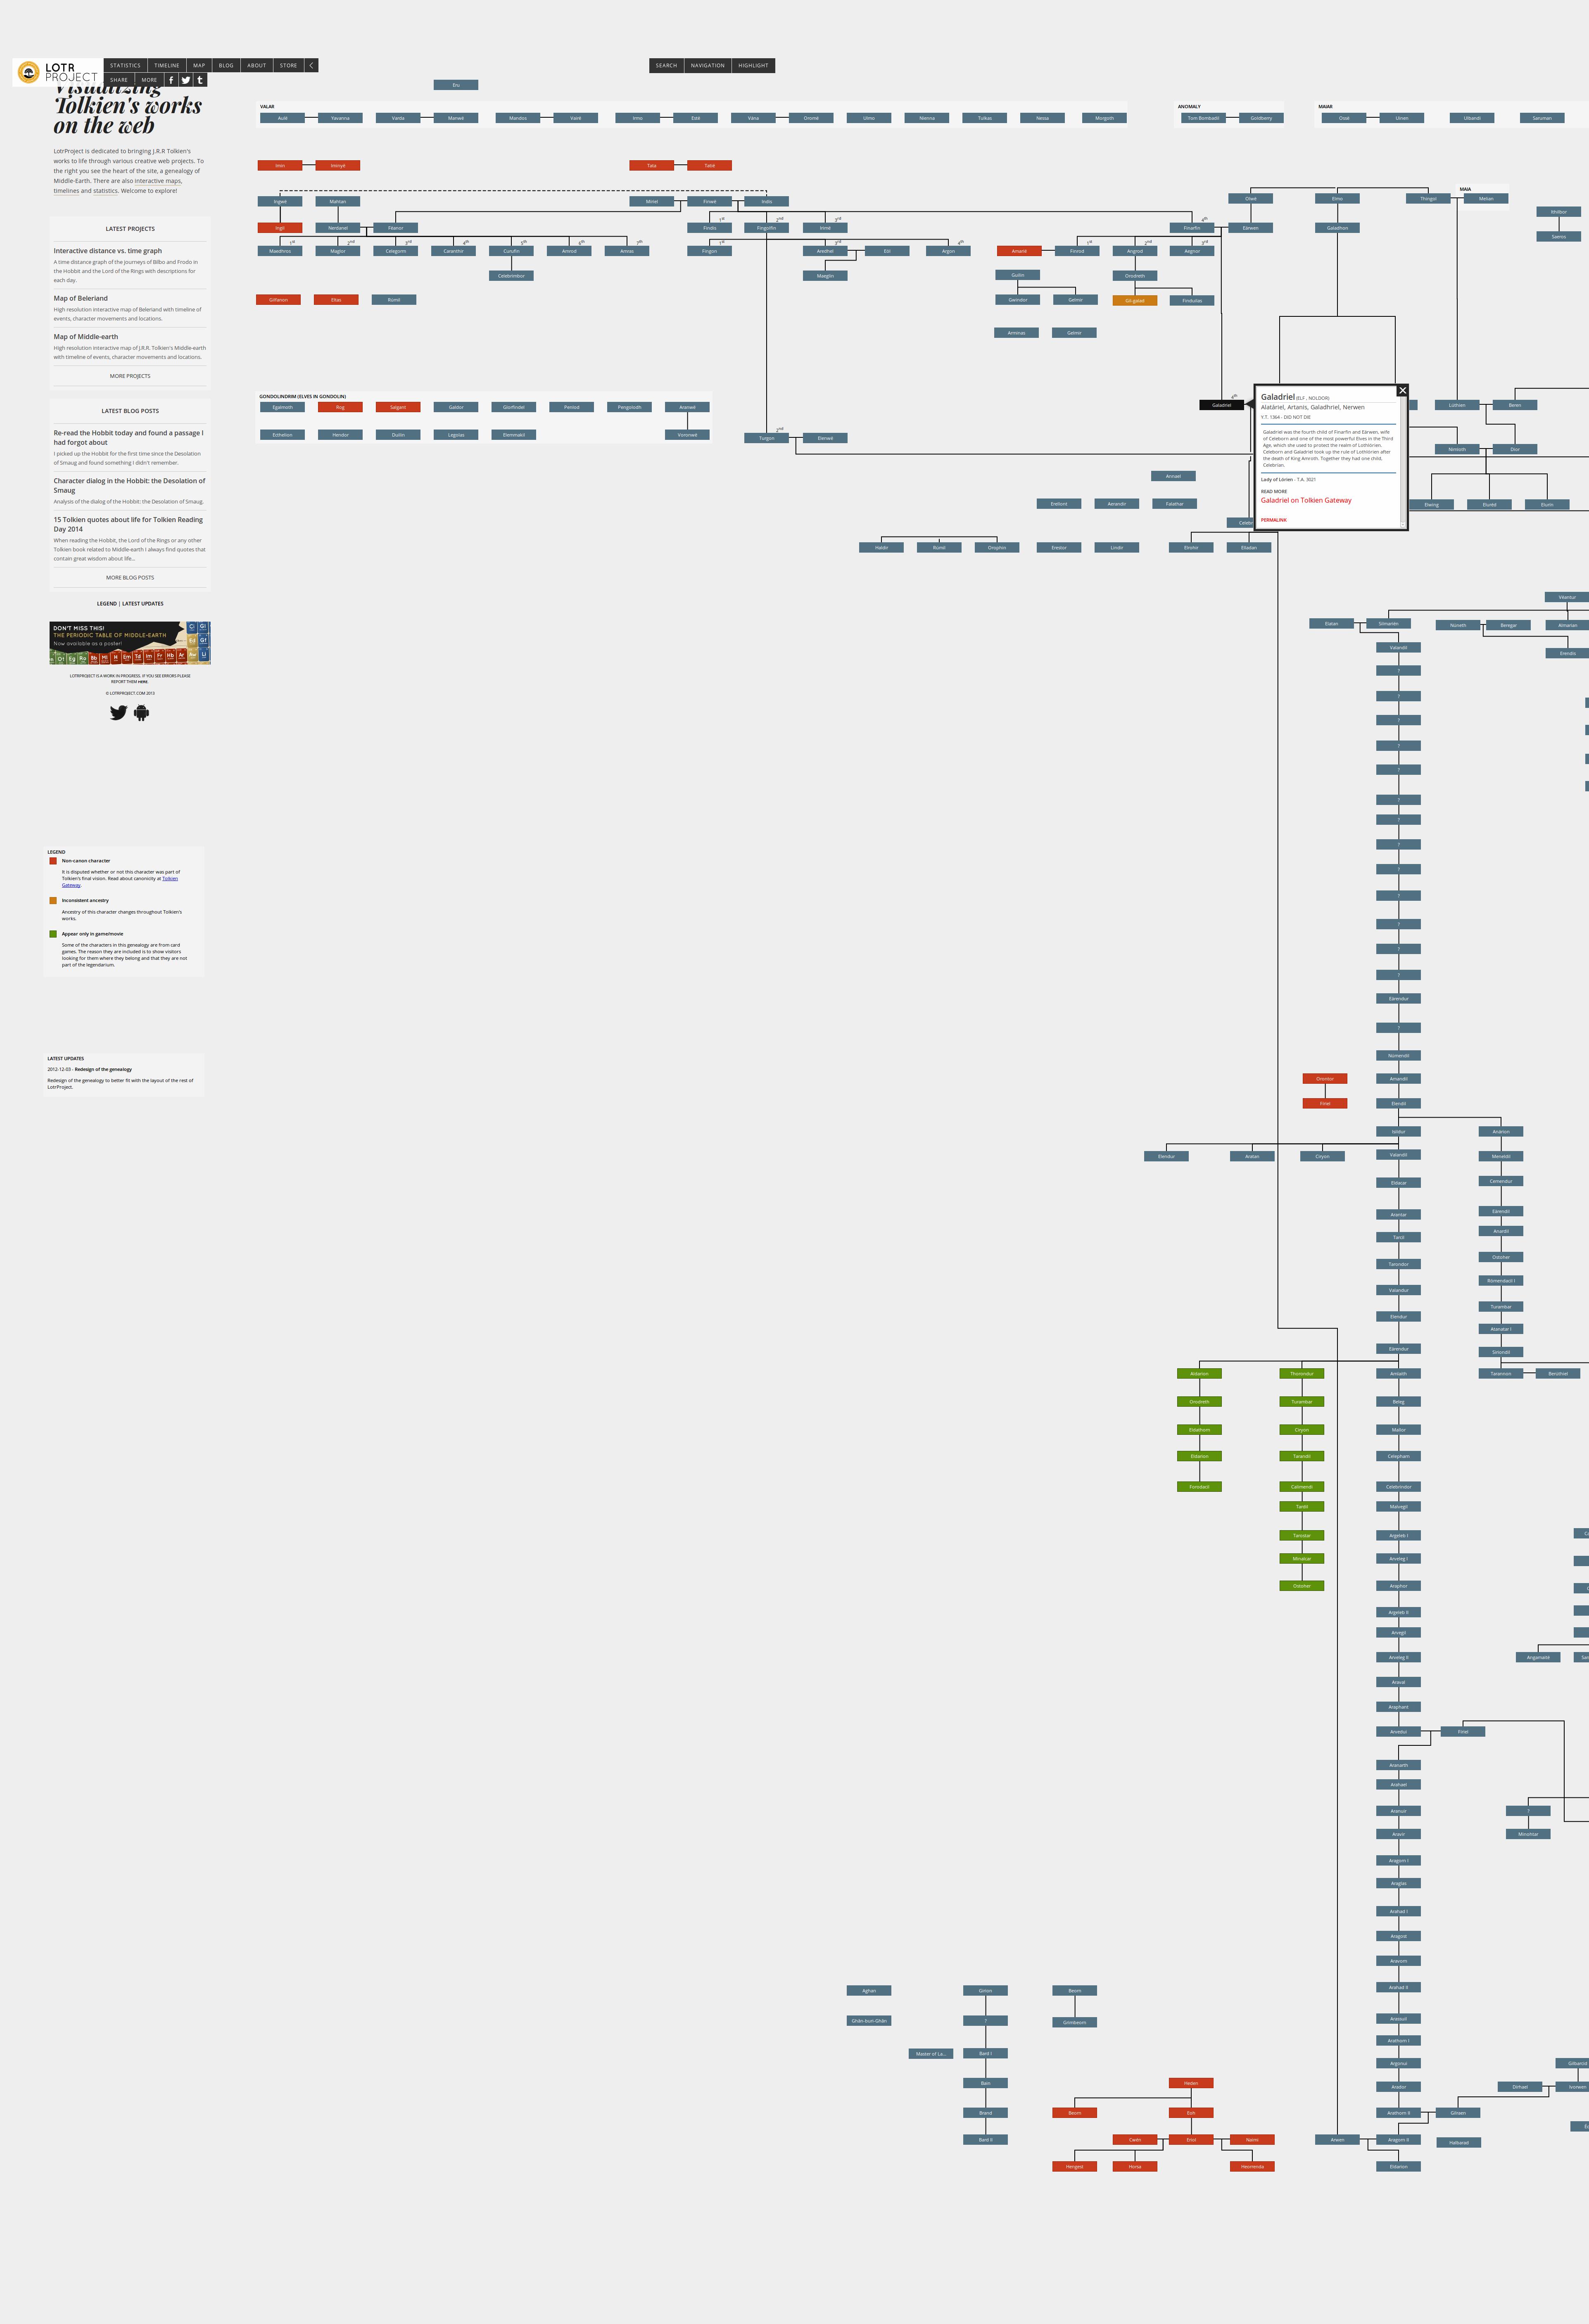 LOTR Project - Family Tree